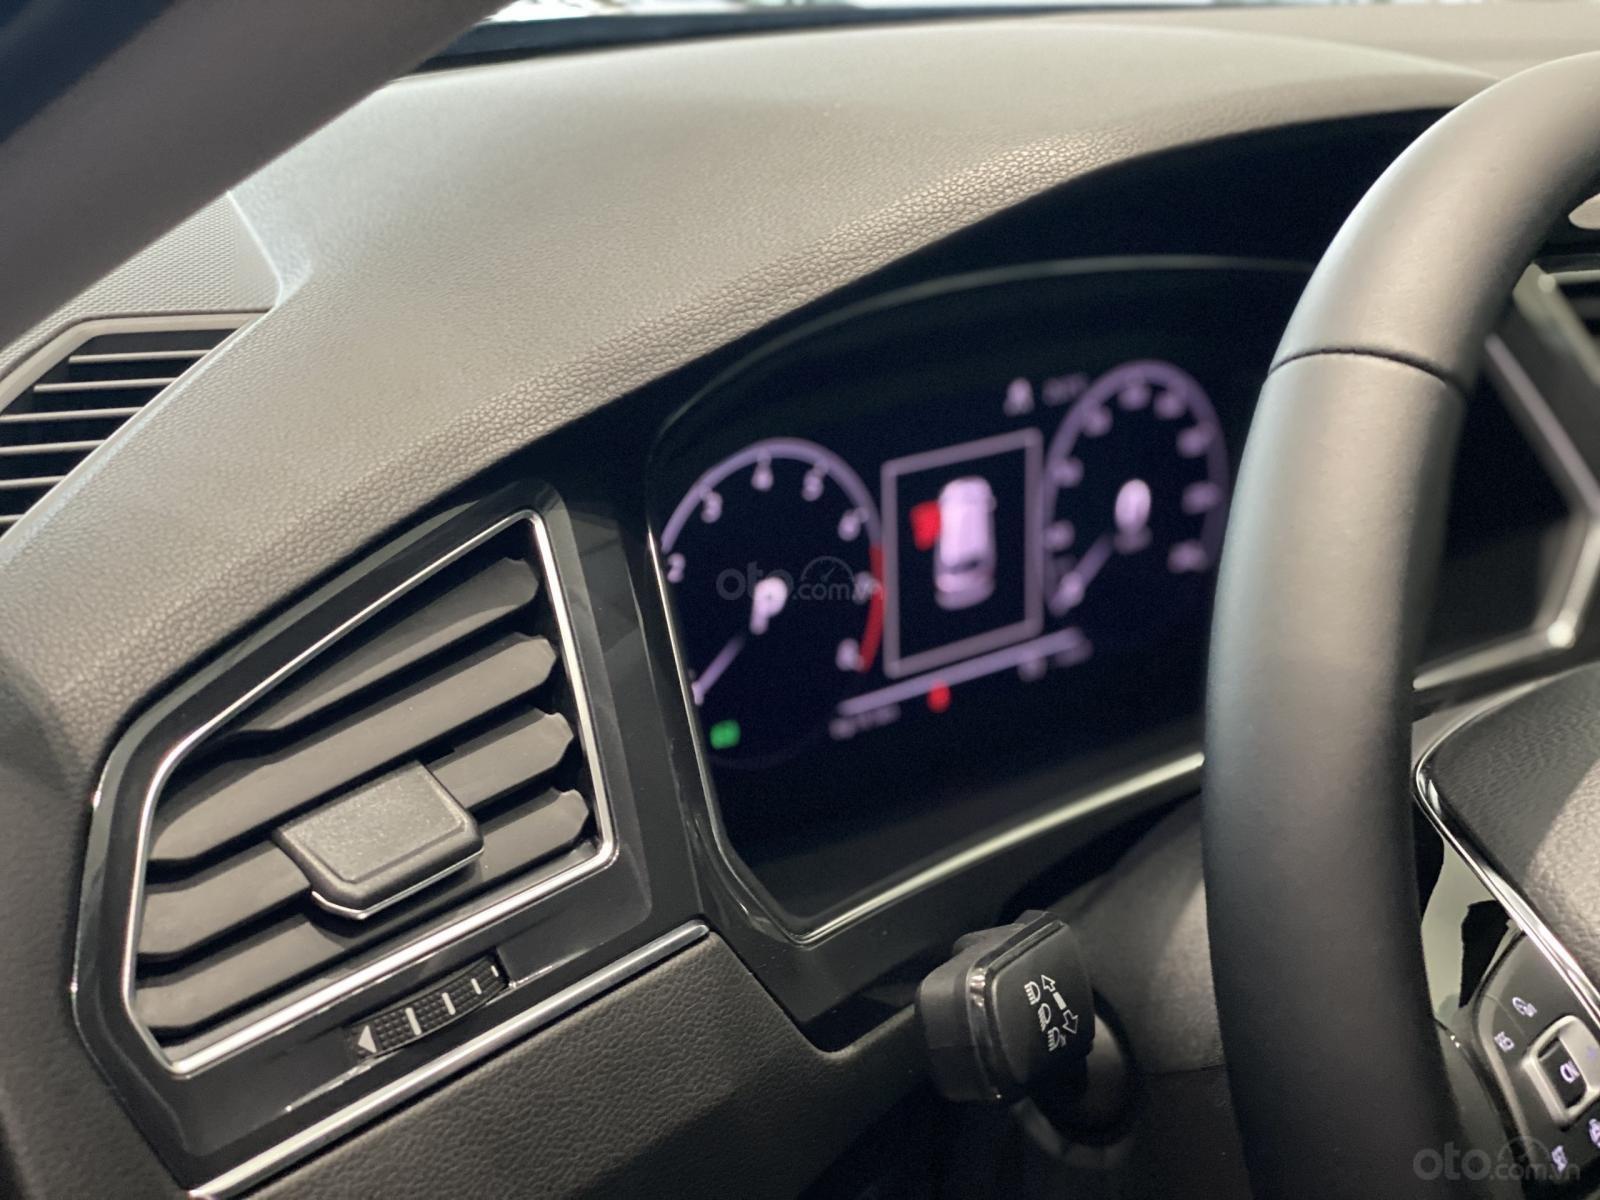 Tiguan Luxury S Màu xám - Phiên bản Offroad khuyến mãi hấp dẫn - Xe đủ màu giao ngay (6)